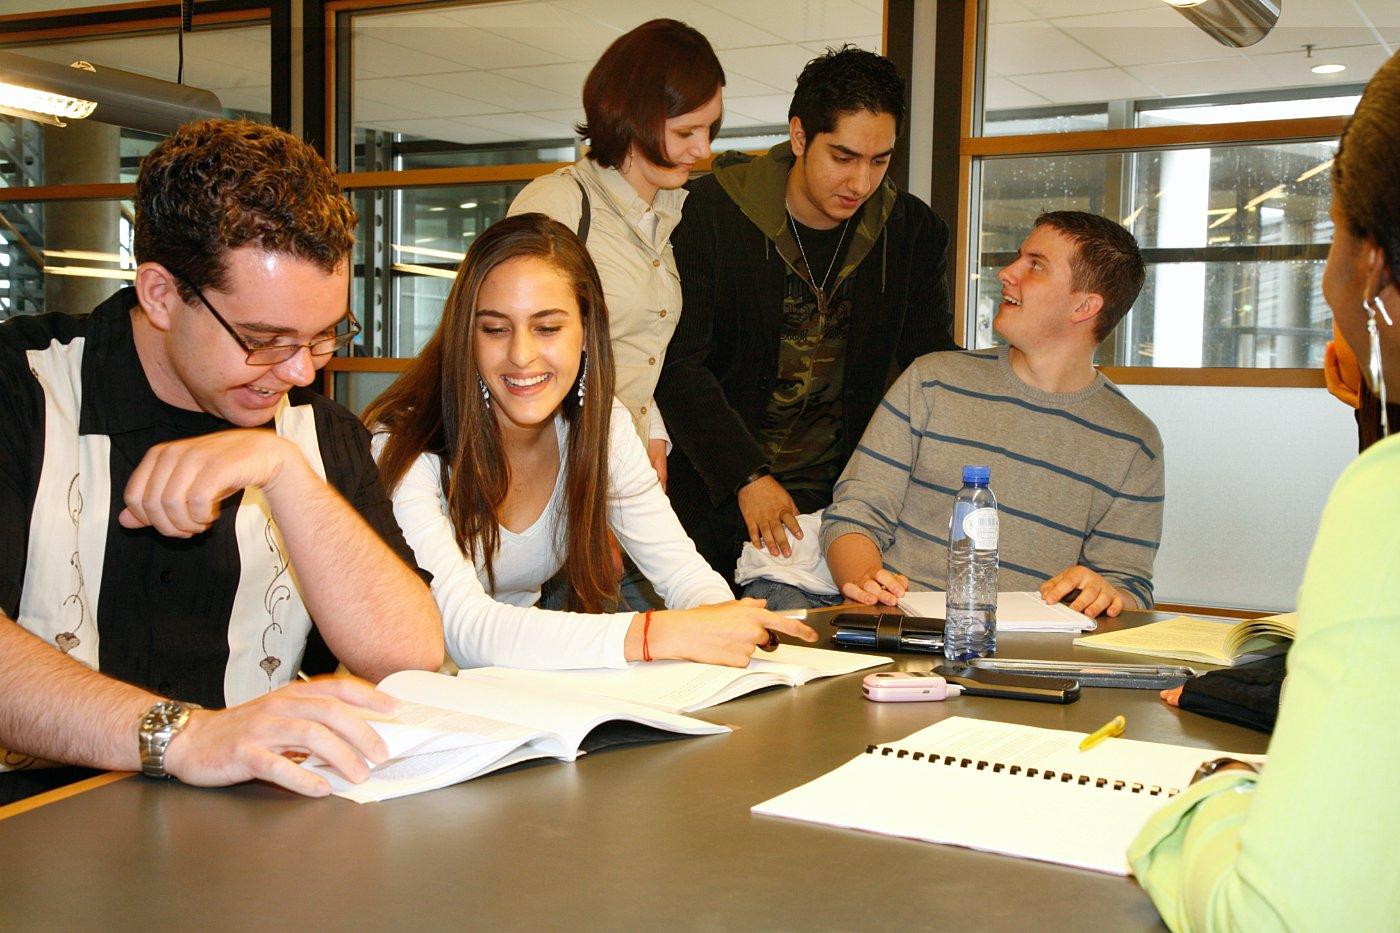 Estudiantes mejoran su aprendizaje resolviendo problemas en vez de memorizar